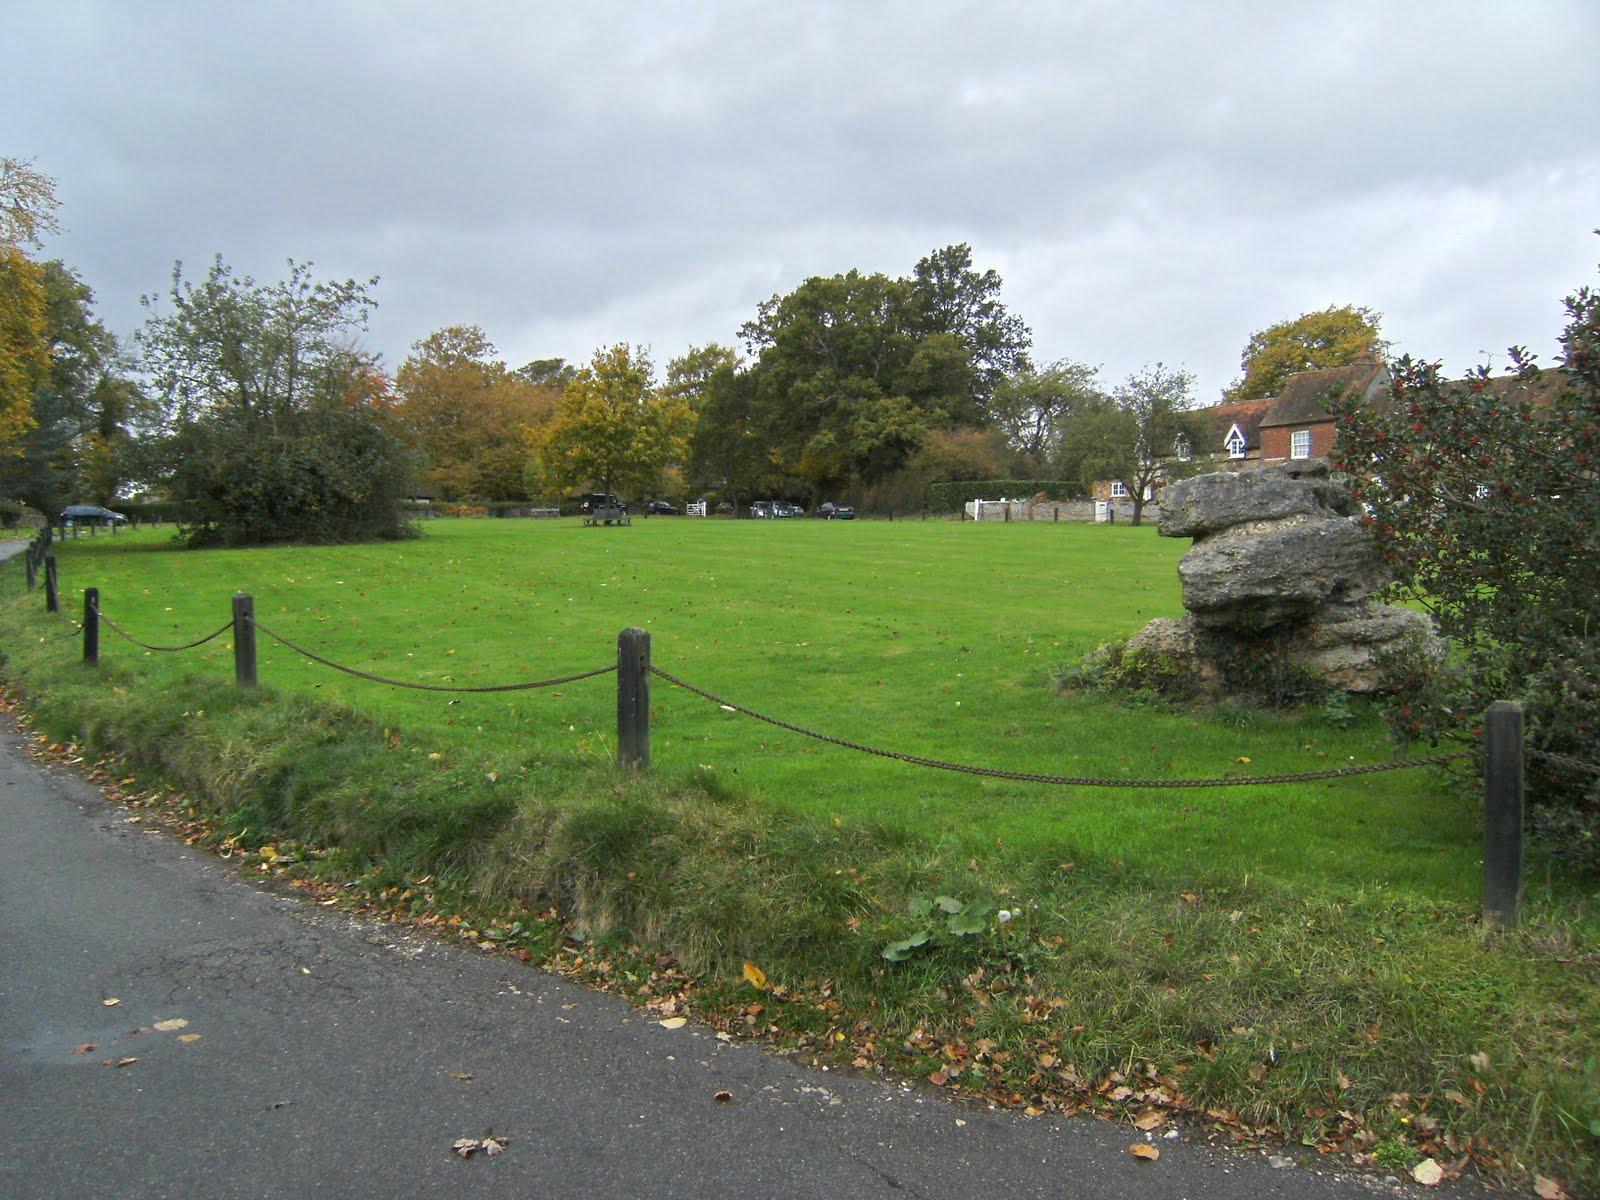 DSCF2155(1) The Lee village green